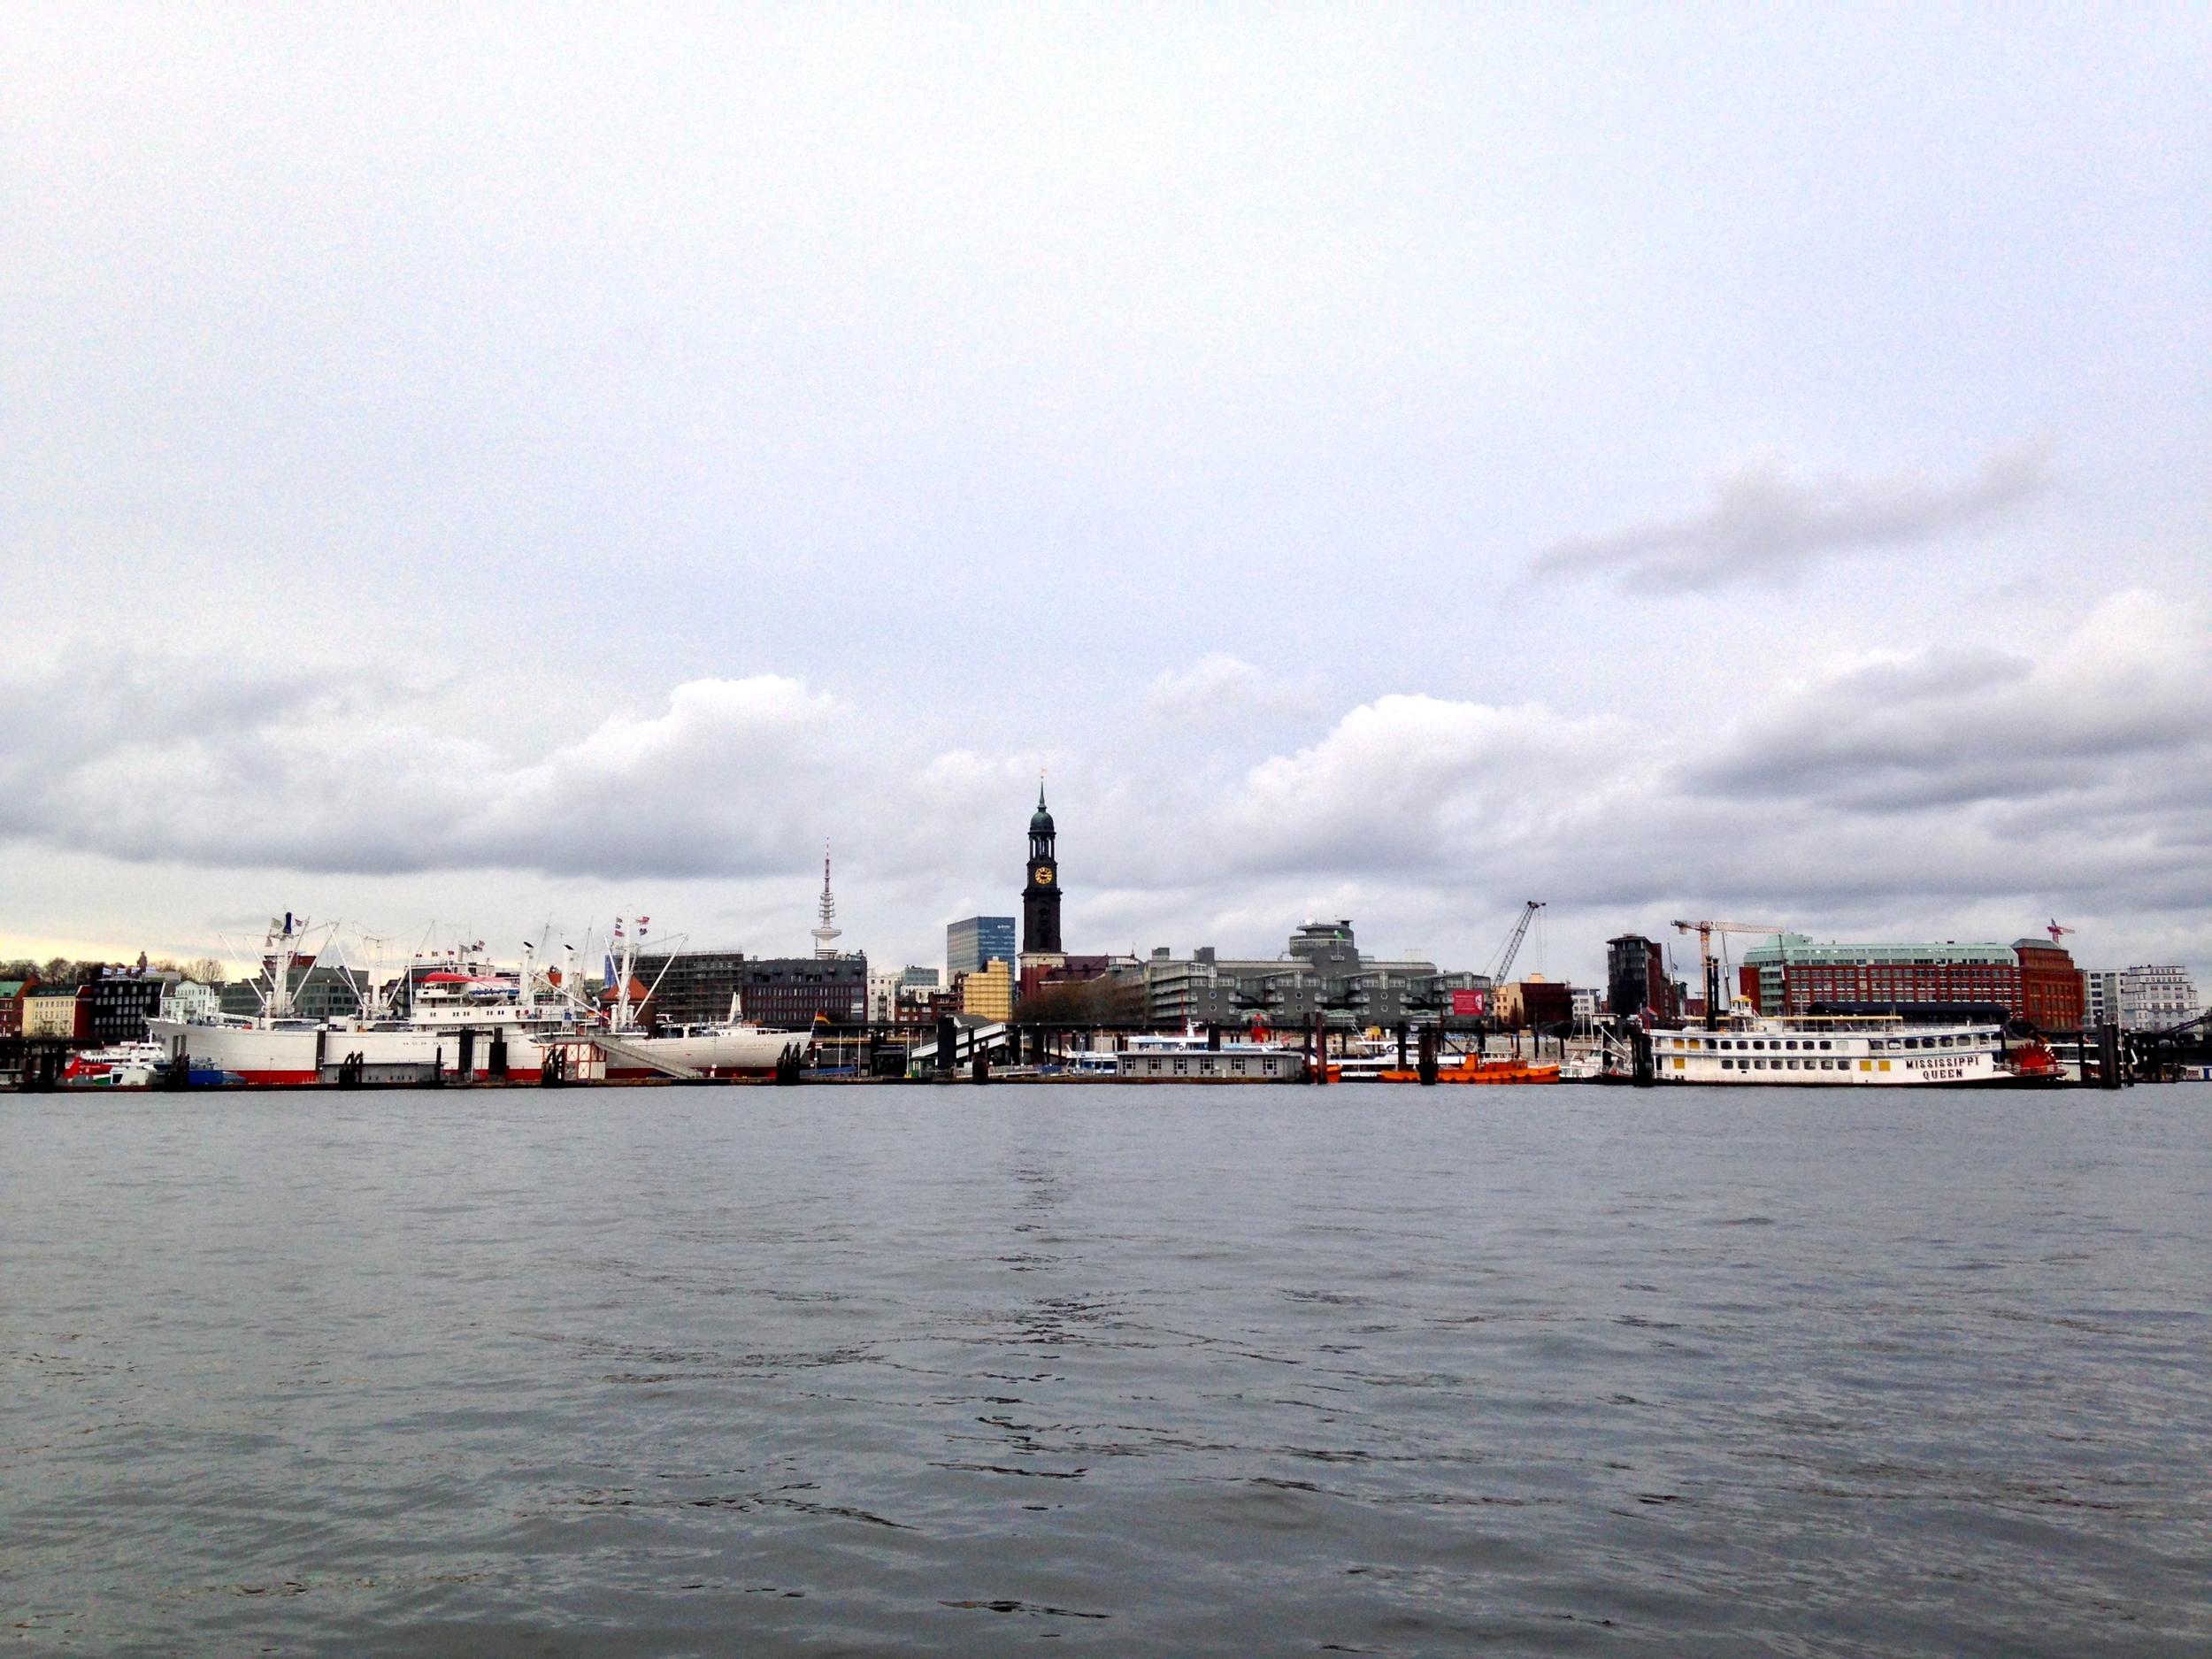 Hamburger Hafen, 25.12.2013